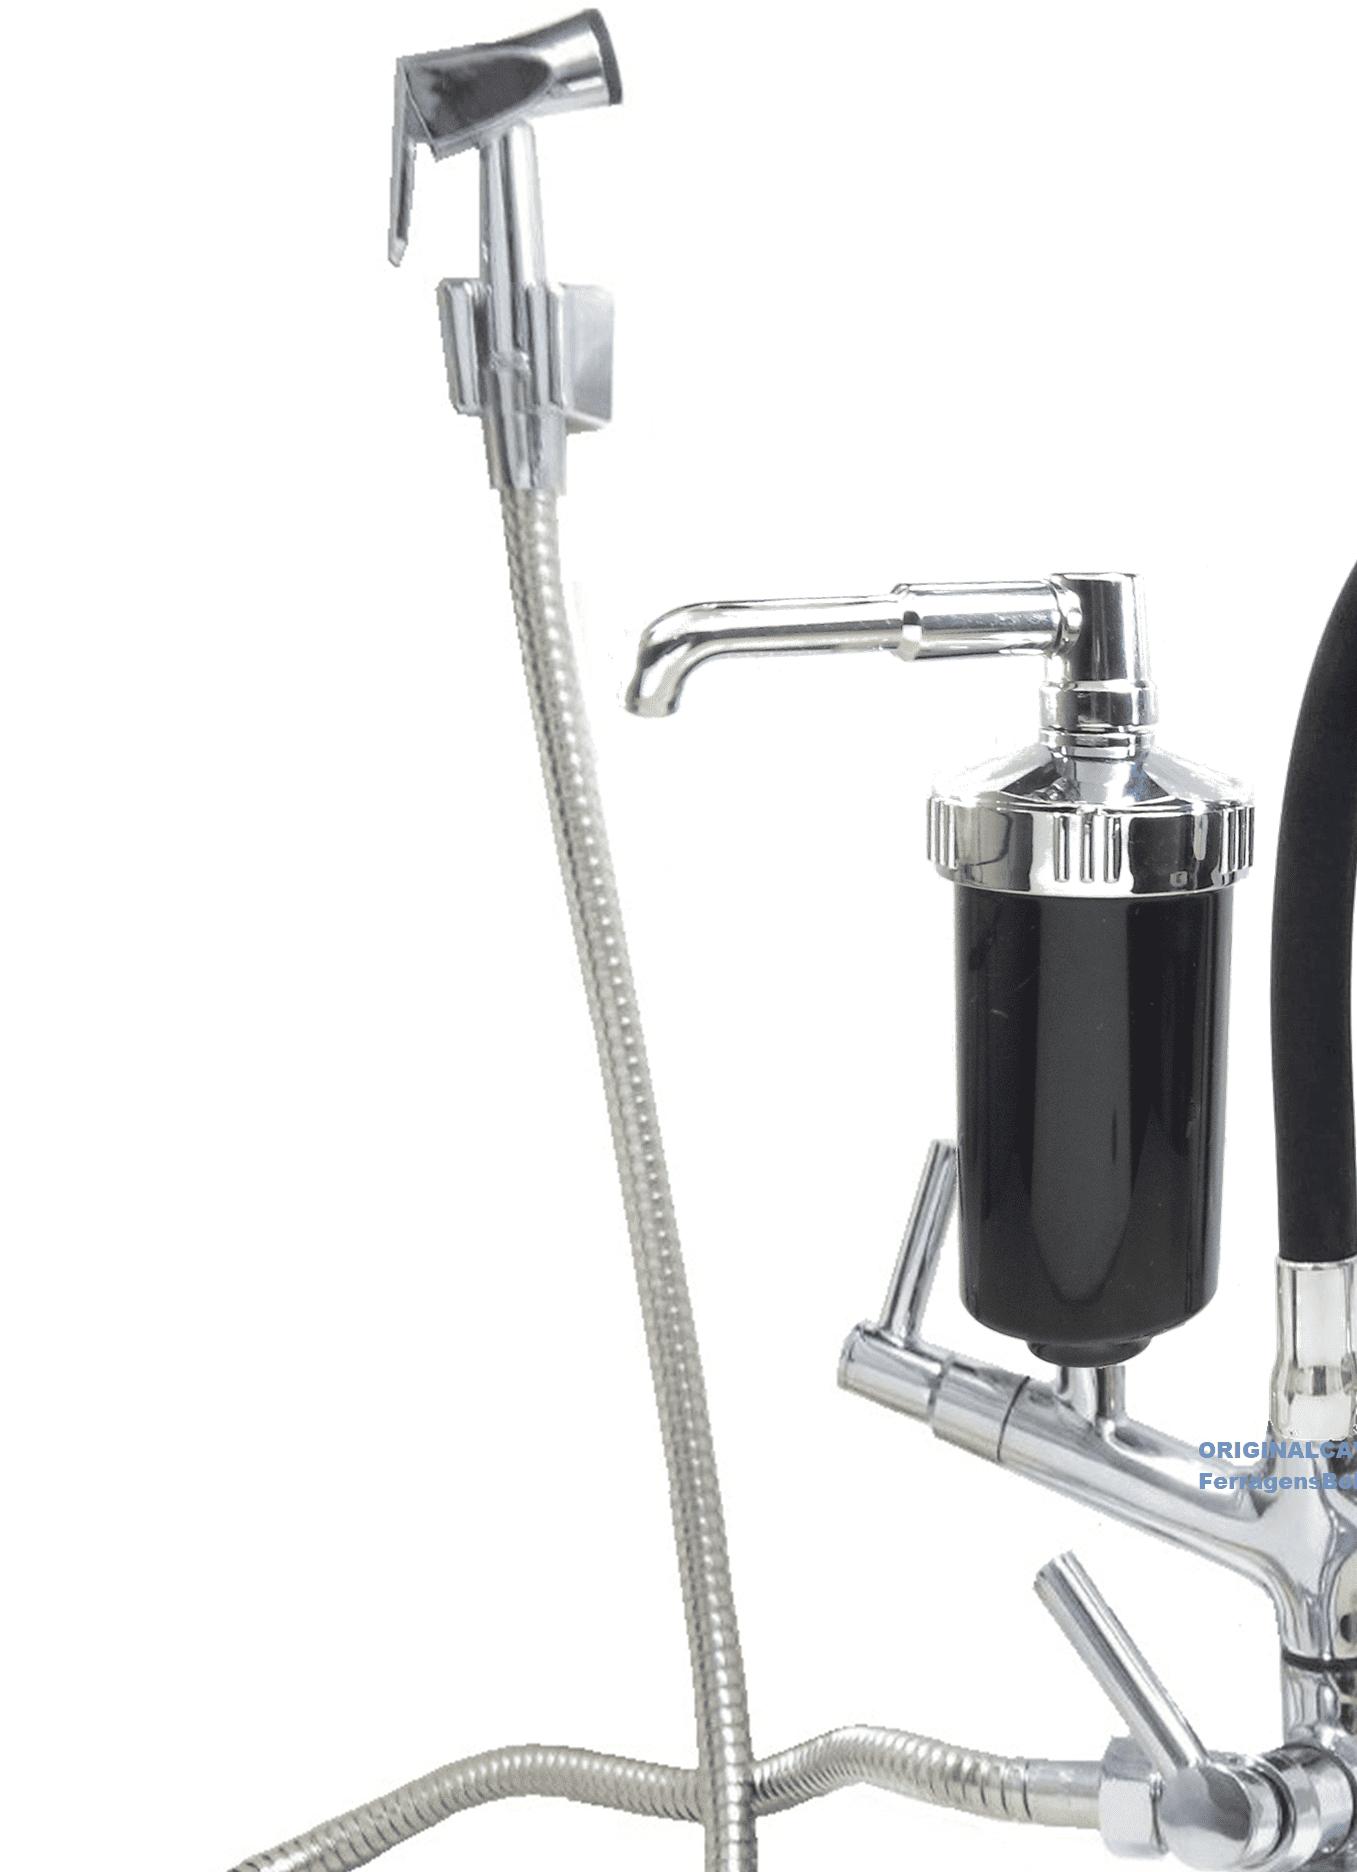 Torneira gourmet regulagem jato chuveirinho com ducha